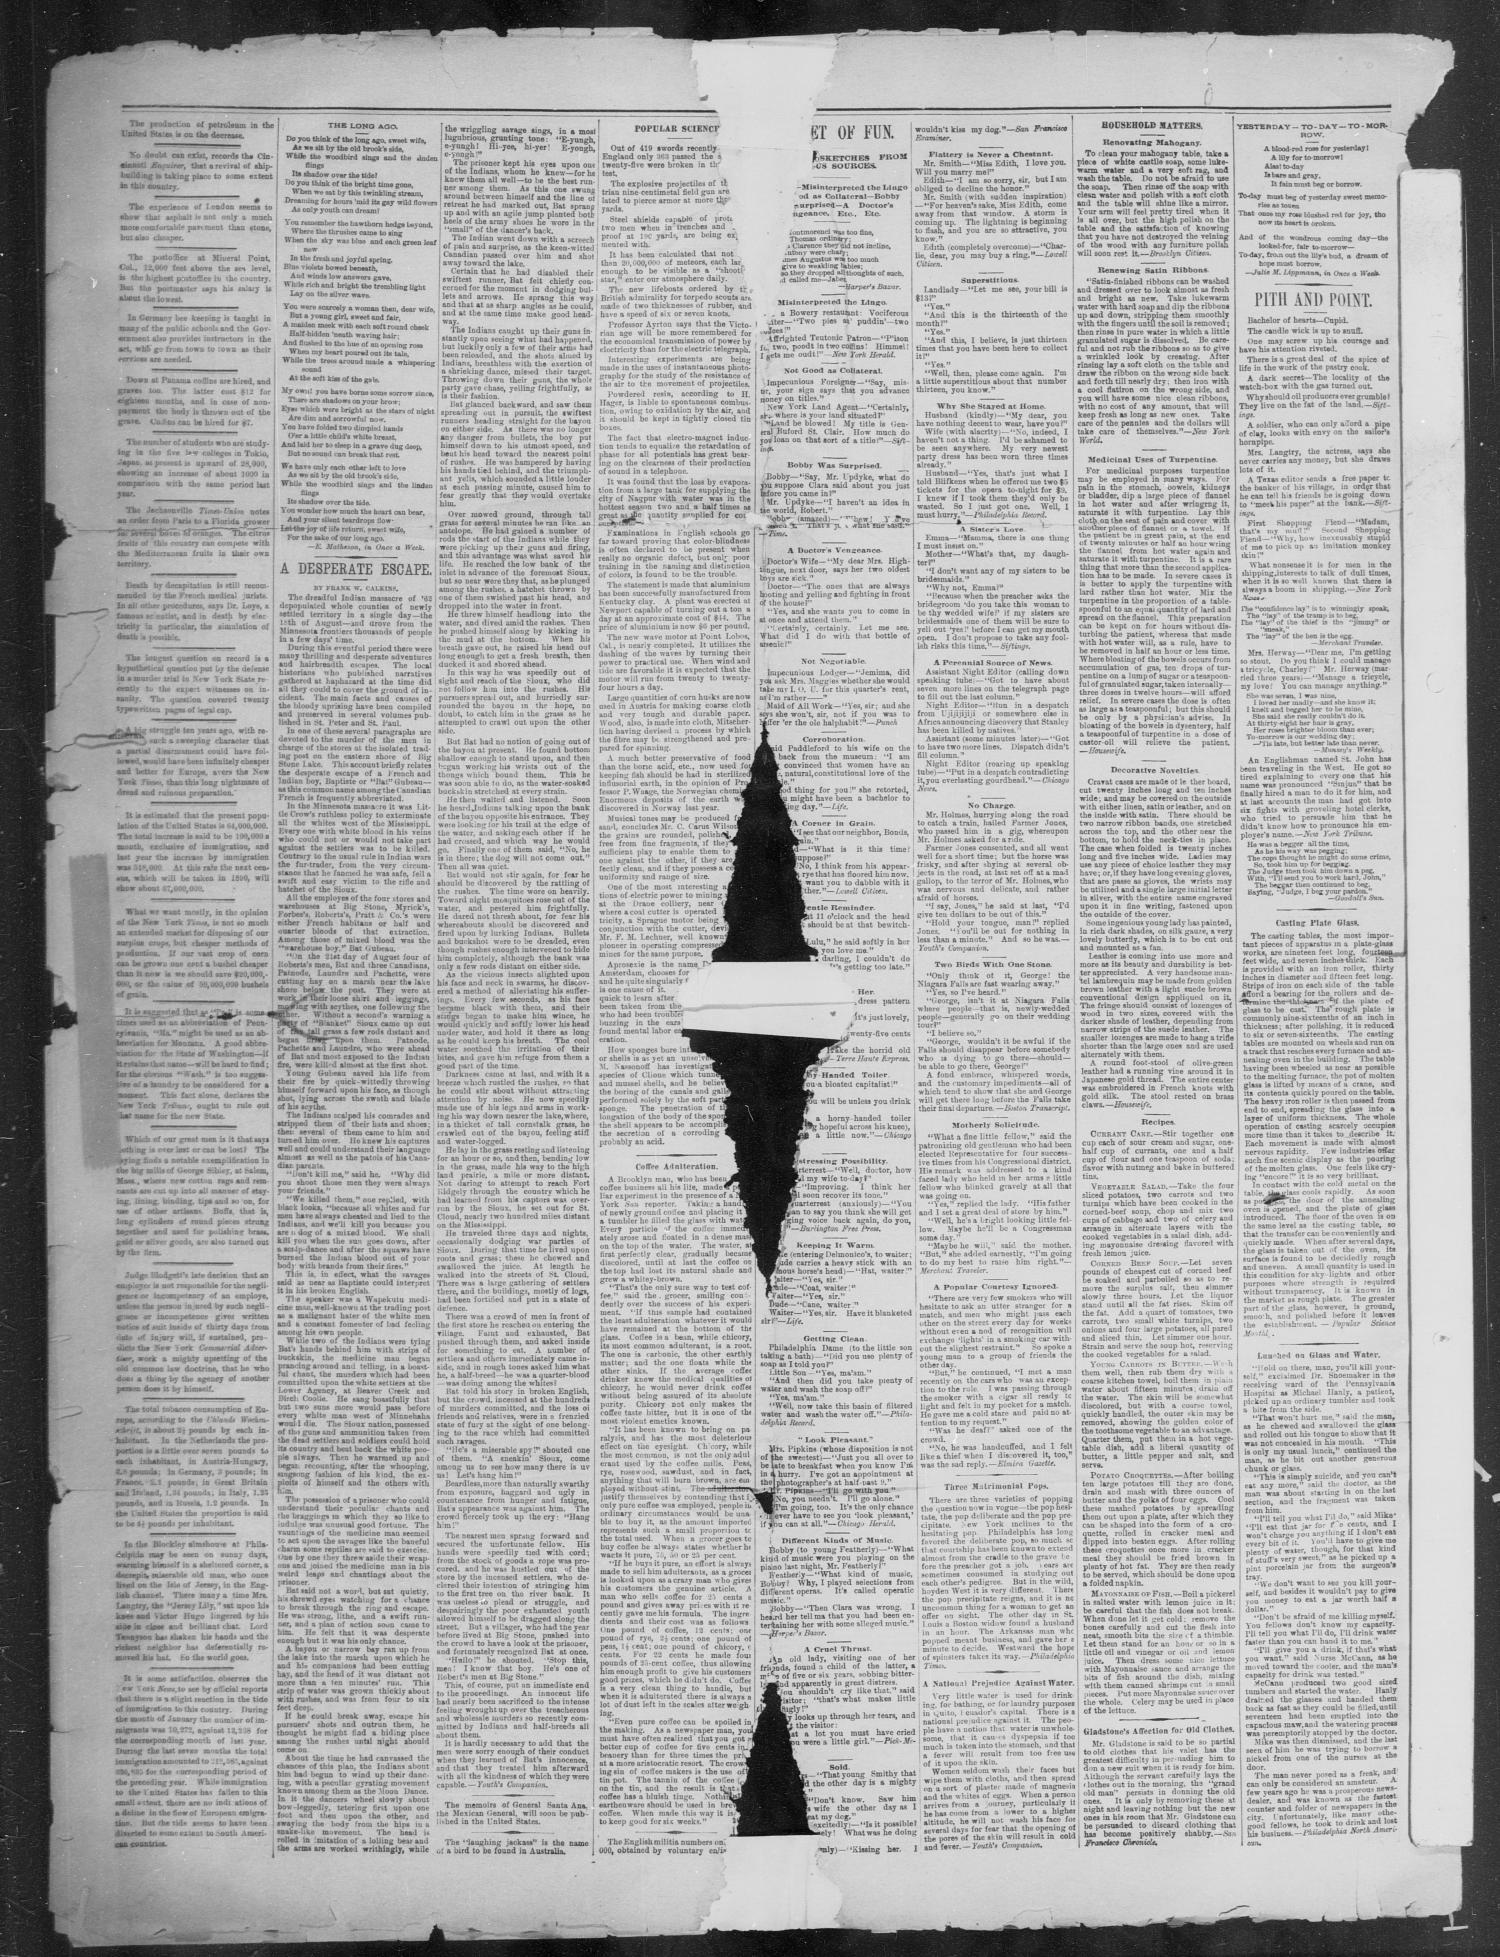 The San Saba News. (San Saba, Tex.), Vol. 15, No. 31, Ed. 1, Friday, May 31, 1889 - Page 2 of 4 - The Portal to Texas History